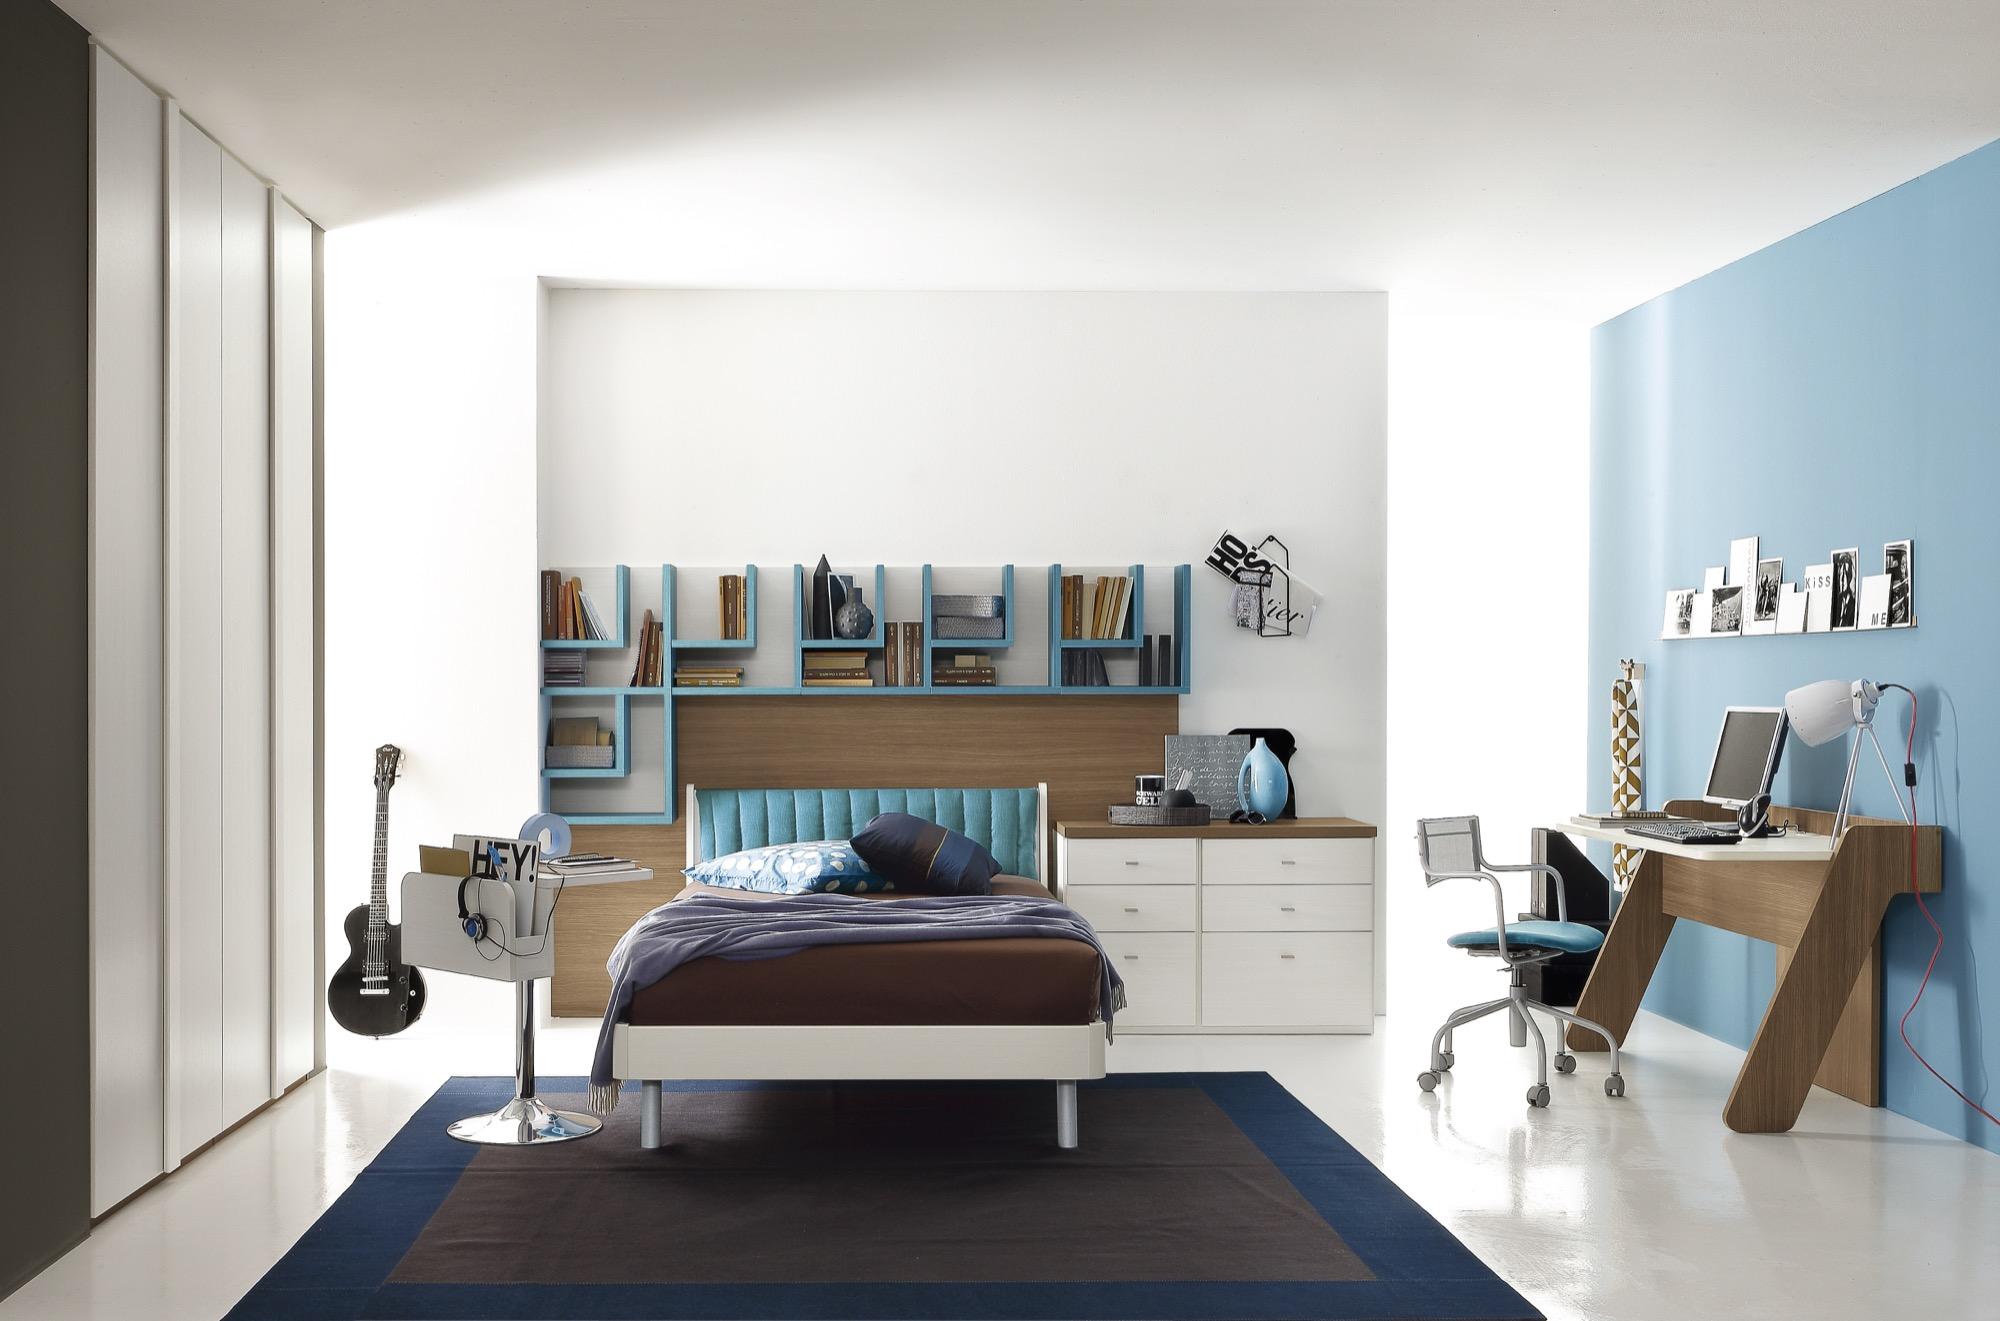 Camere ragazzi progetto notte young furlan mobili - Linea azzurra mobili ...